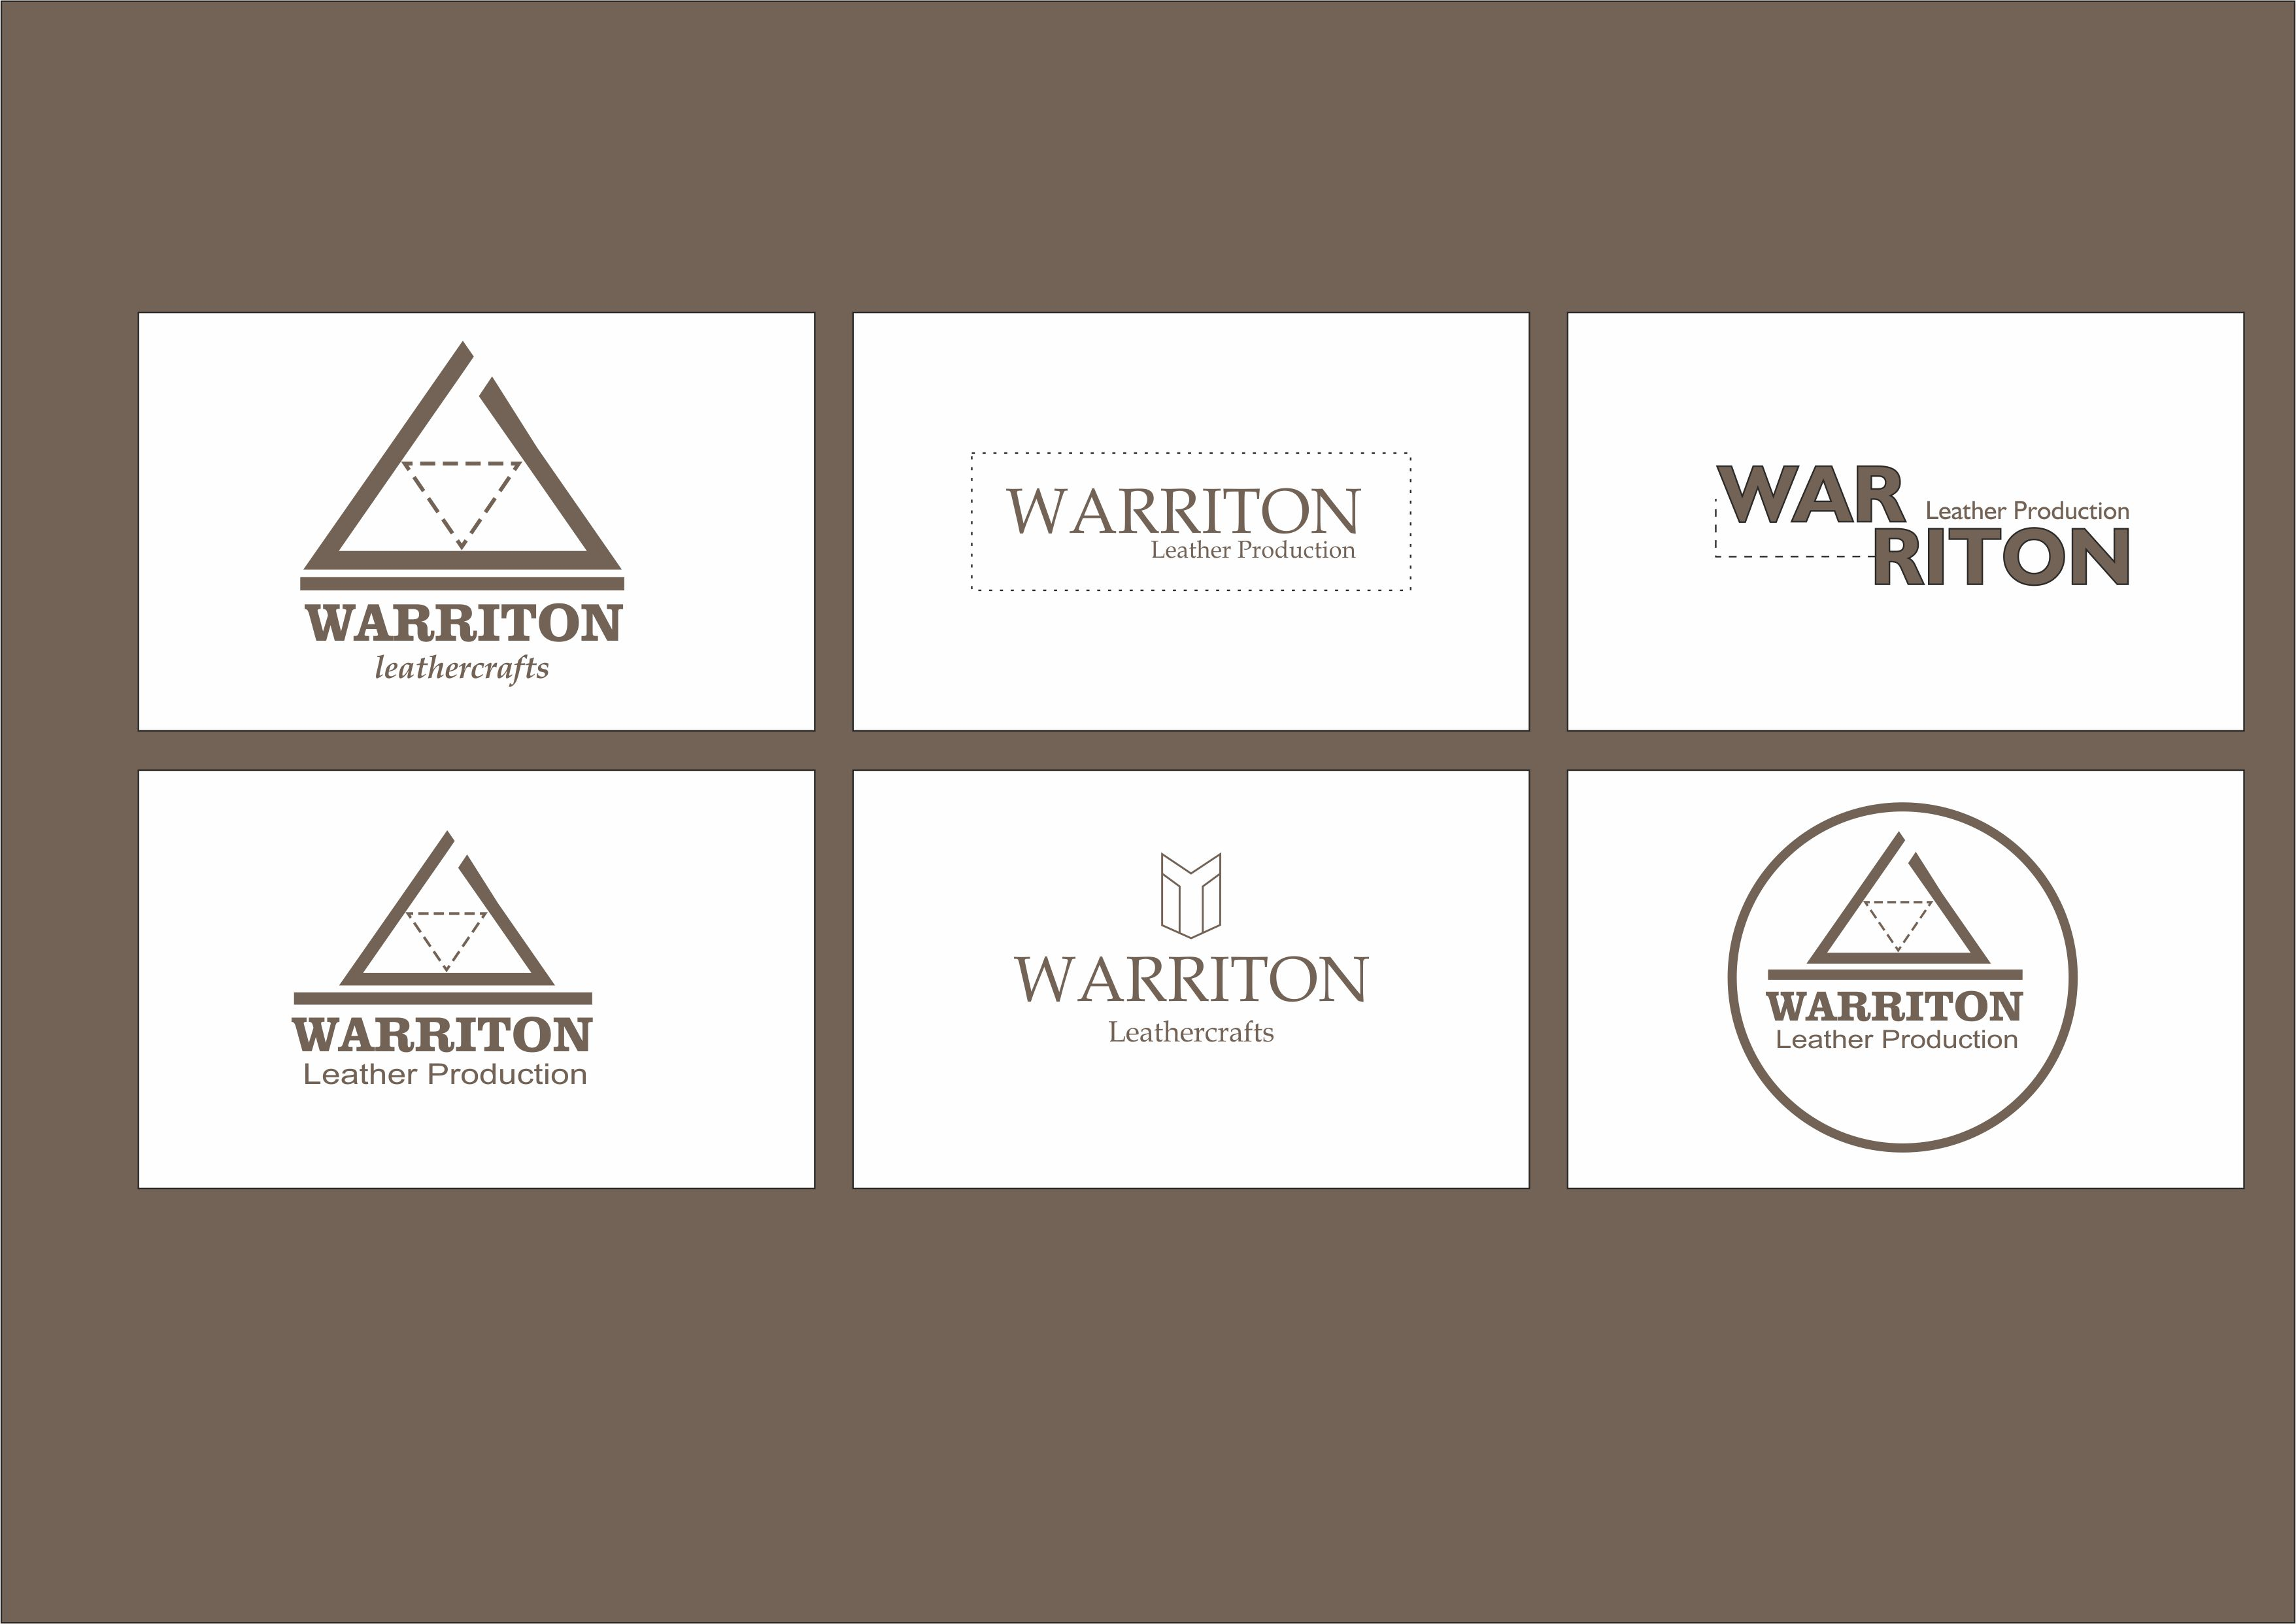 Лого для портфолио WARRITON.jpg